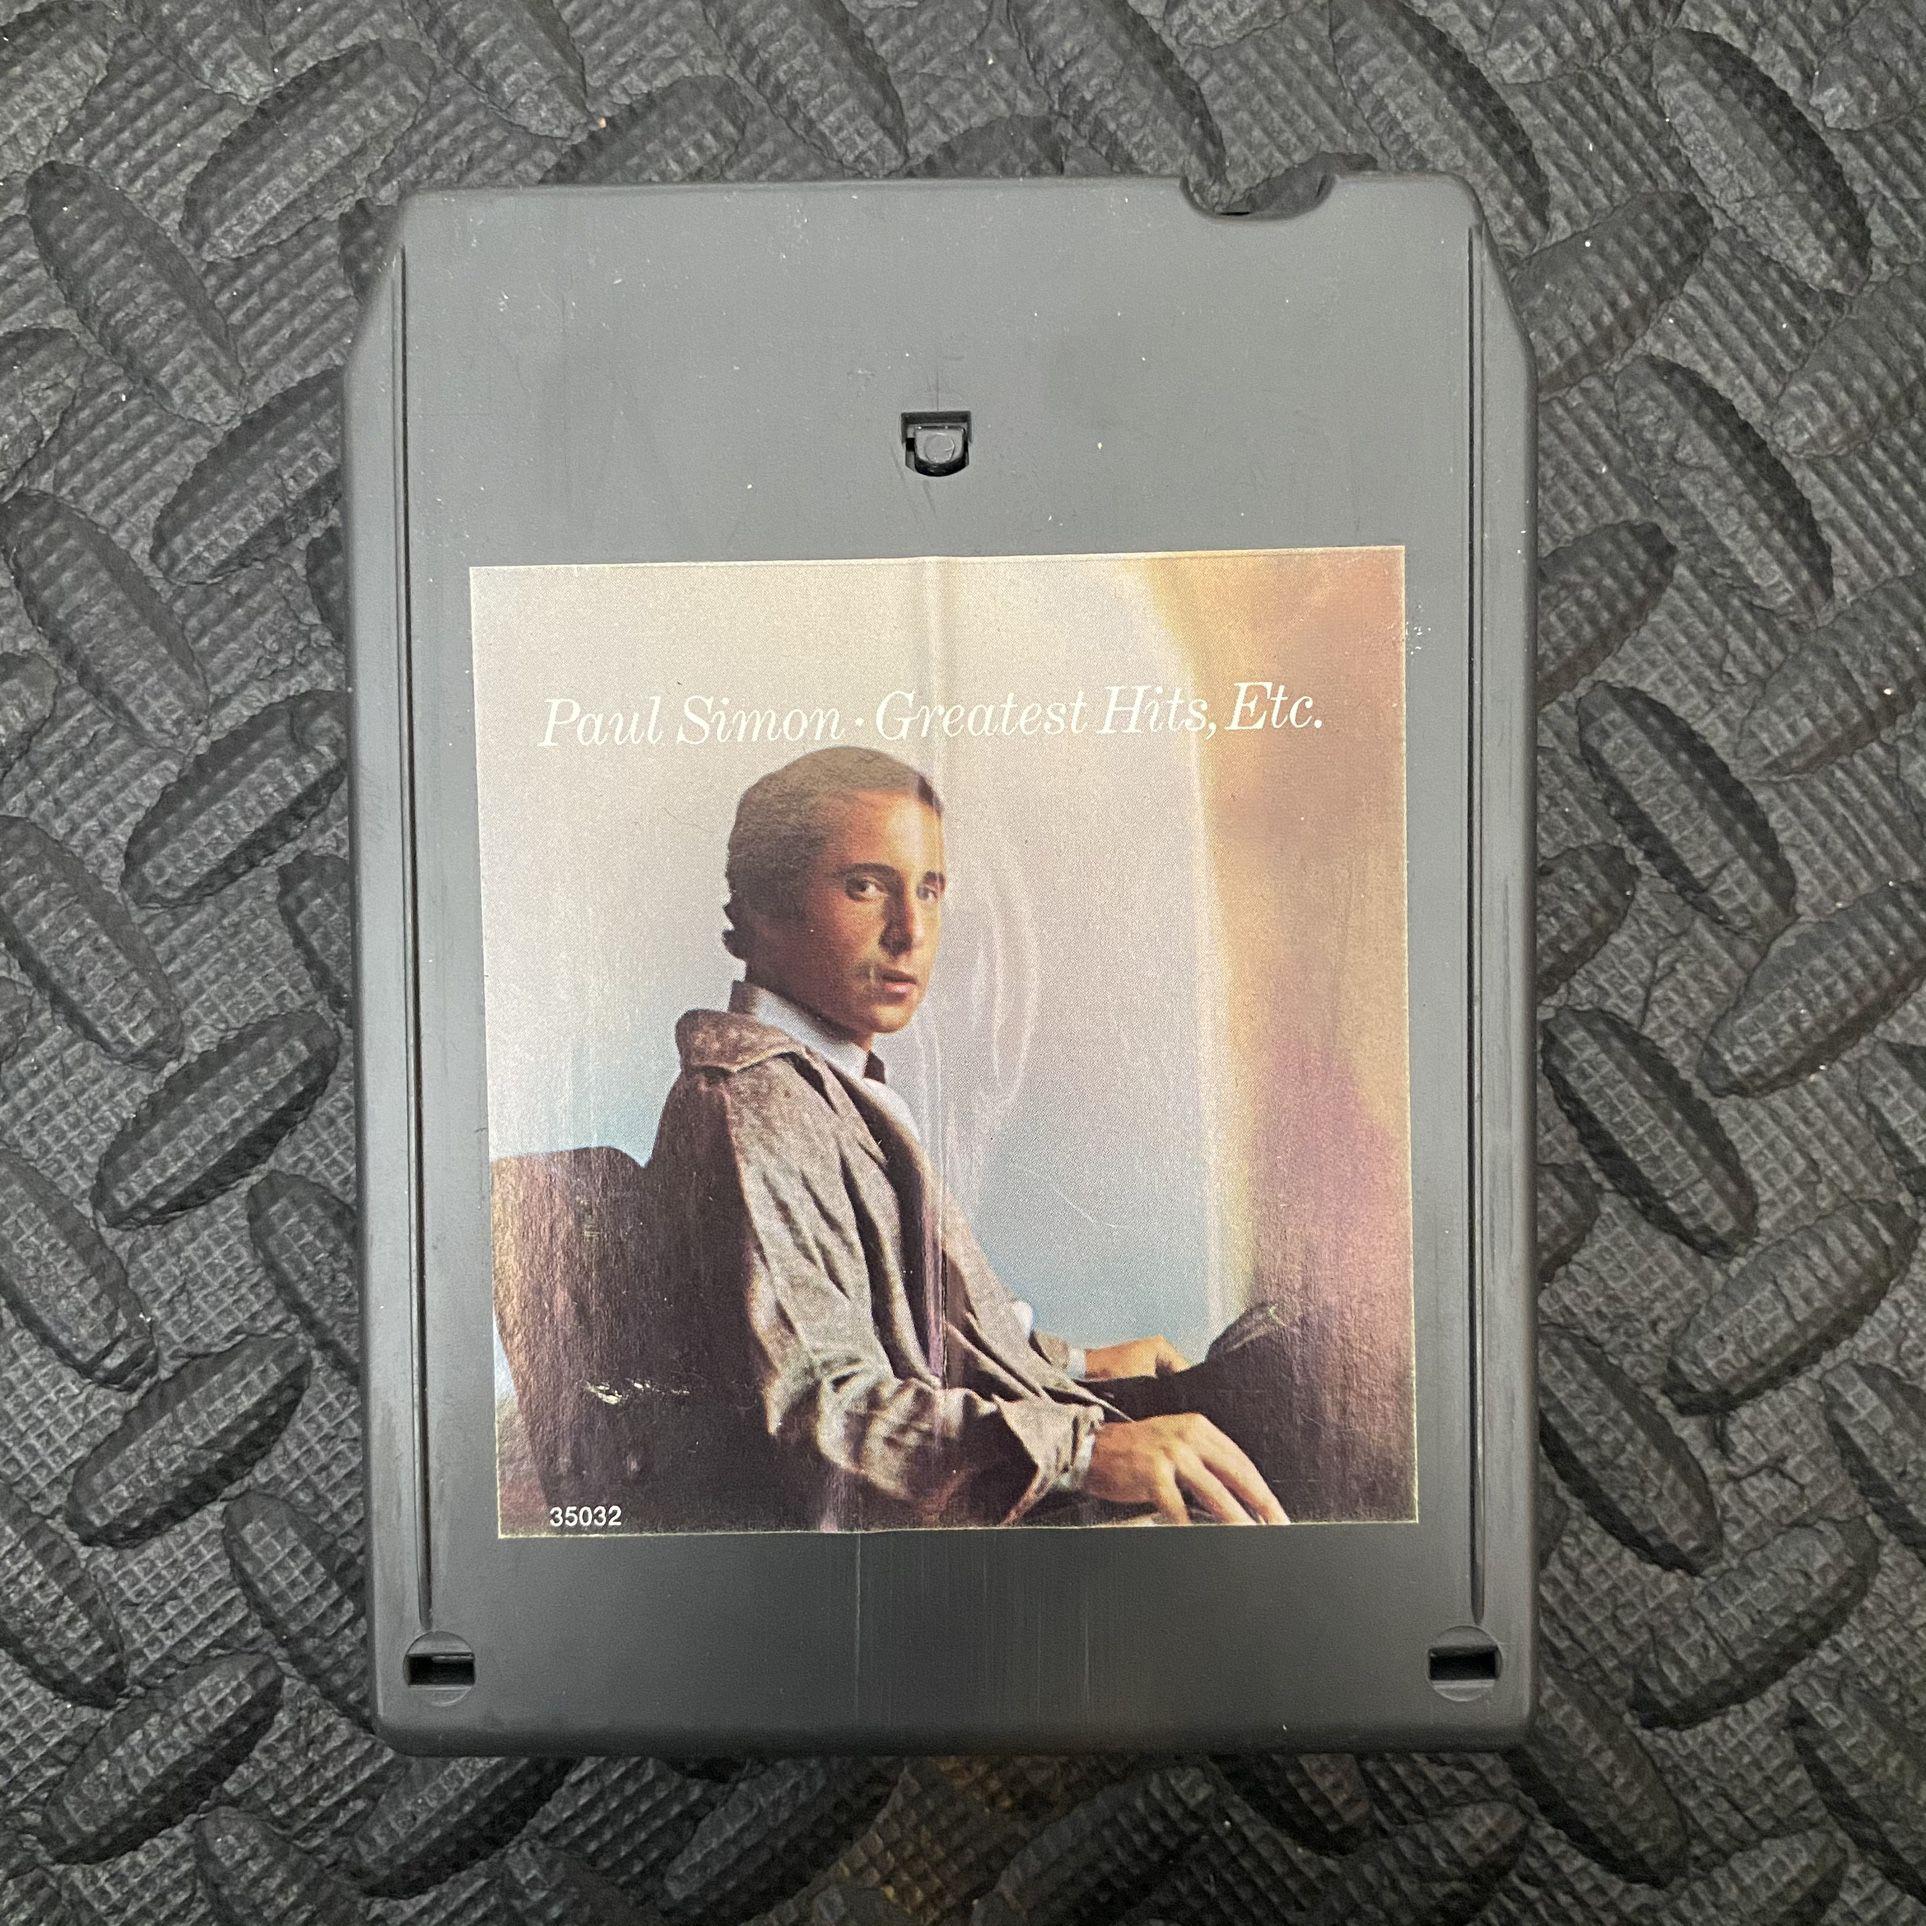 Paul Simon - Greatest Hits, Etc. Audio Music Album 8 Track Tape